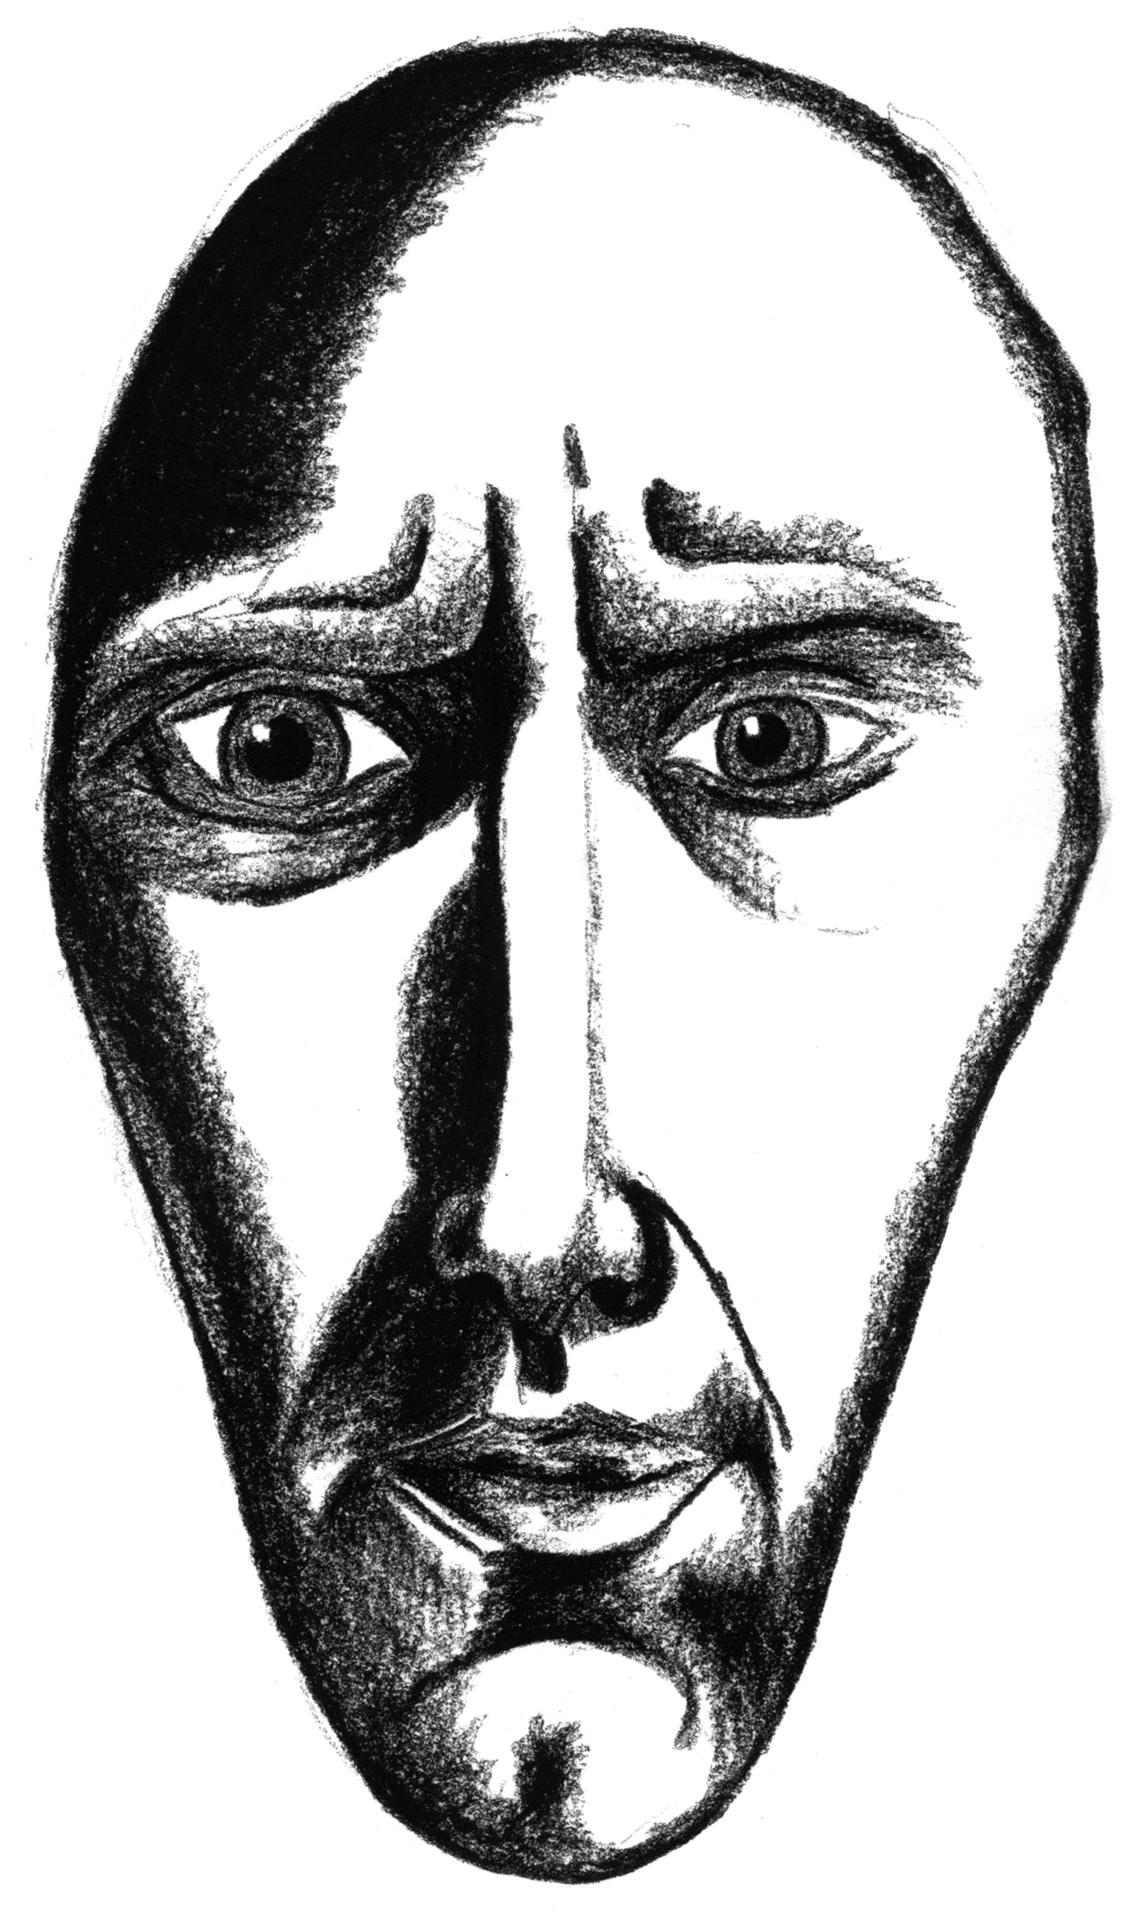 visage10